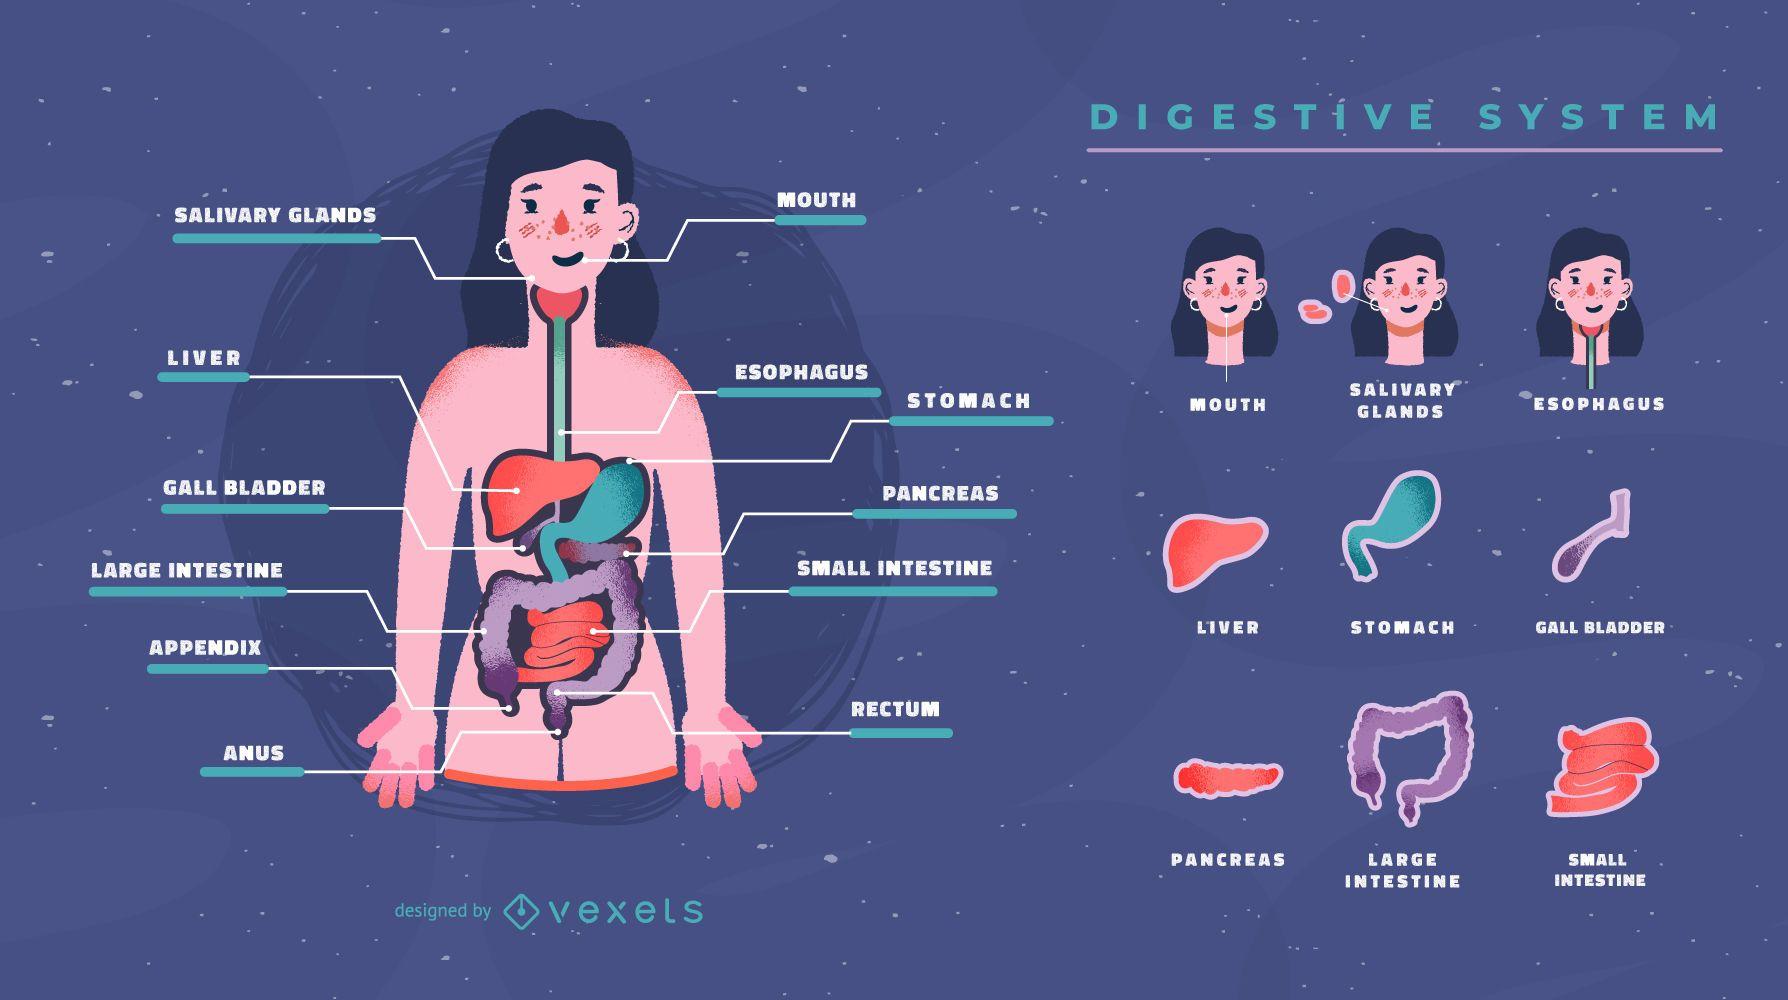 Plantilla de infograf?a del sistema digestivo